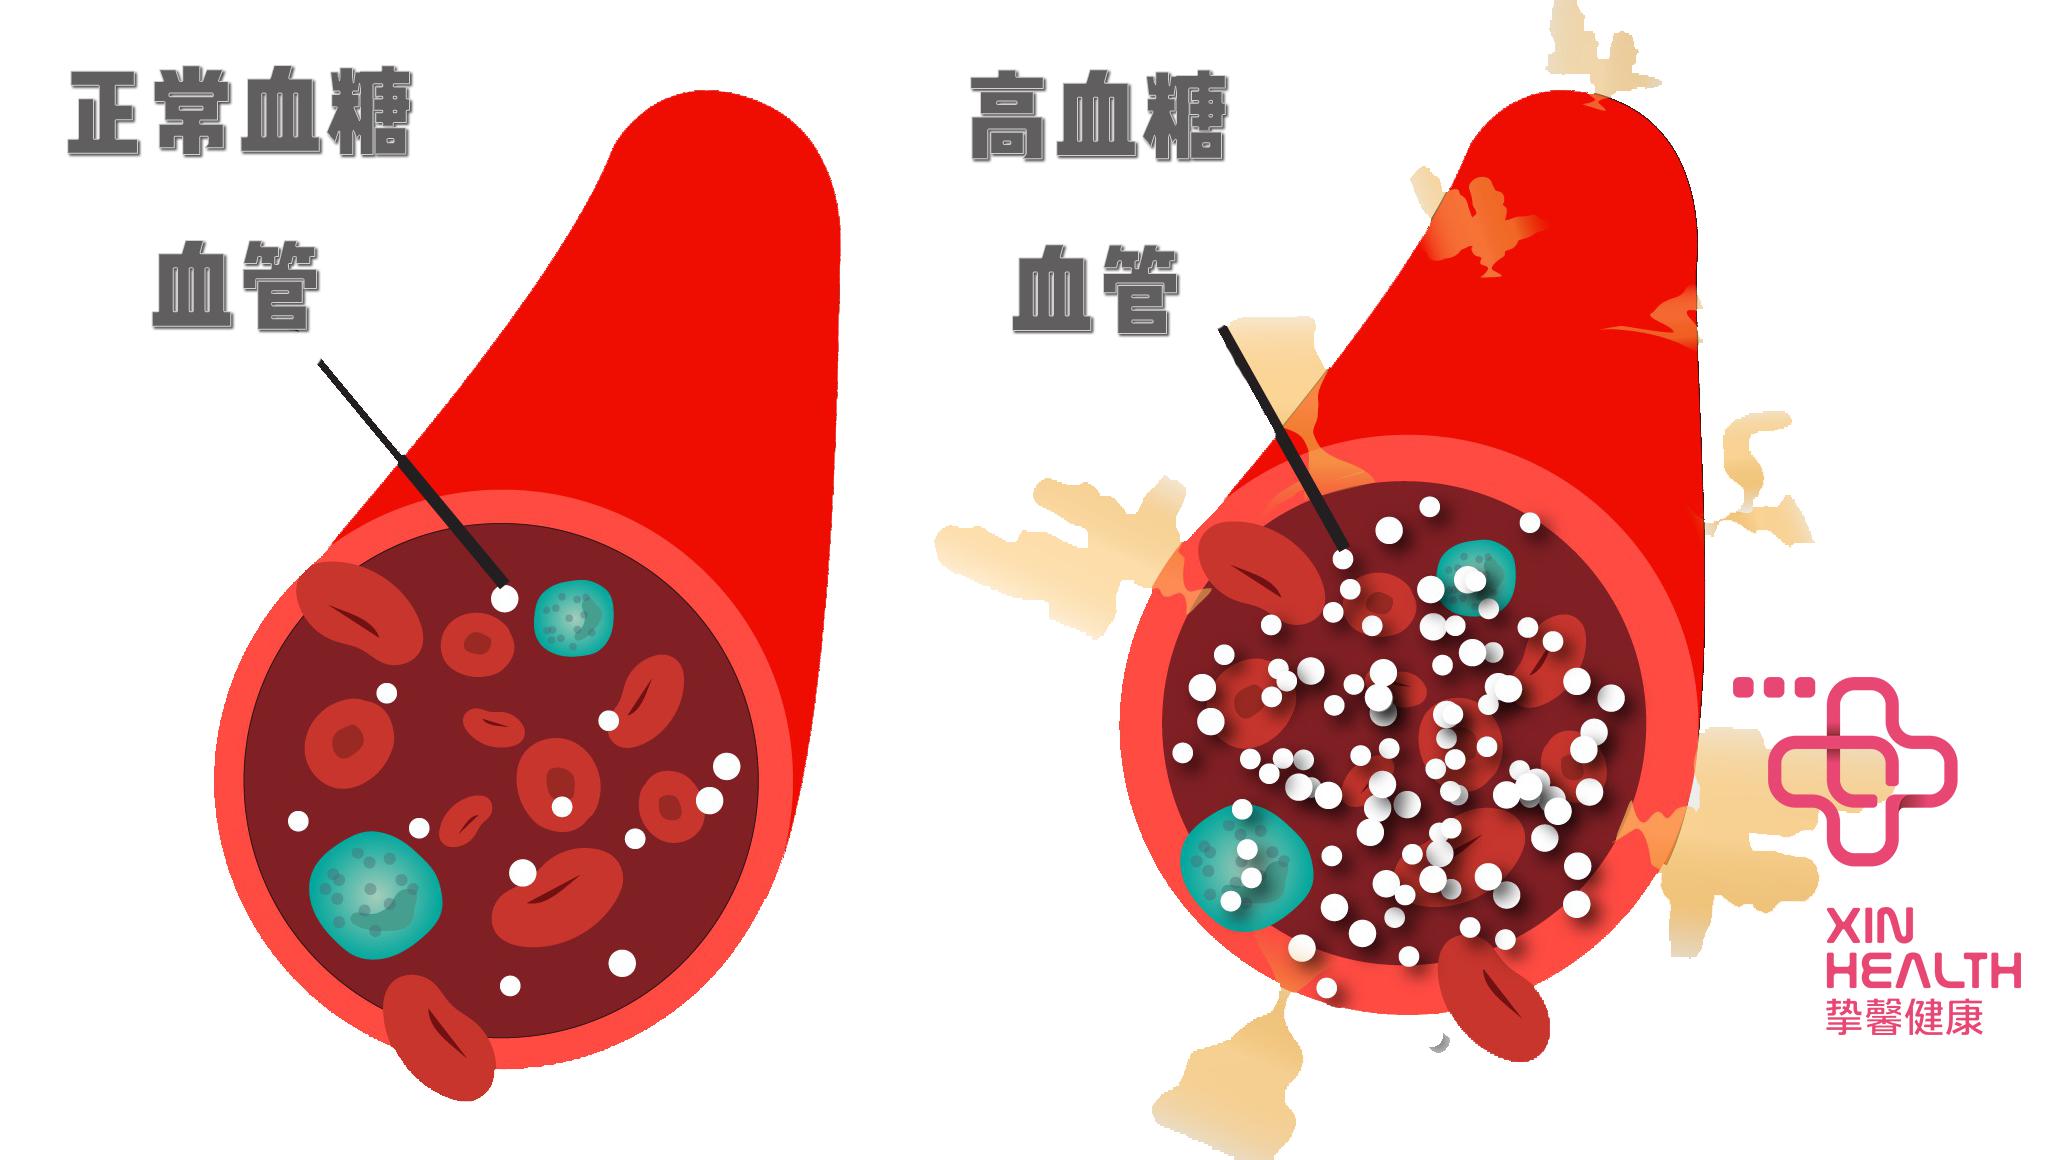 高血糖会损伤血管和器官,导致多种急、慢性并发症。